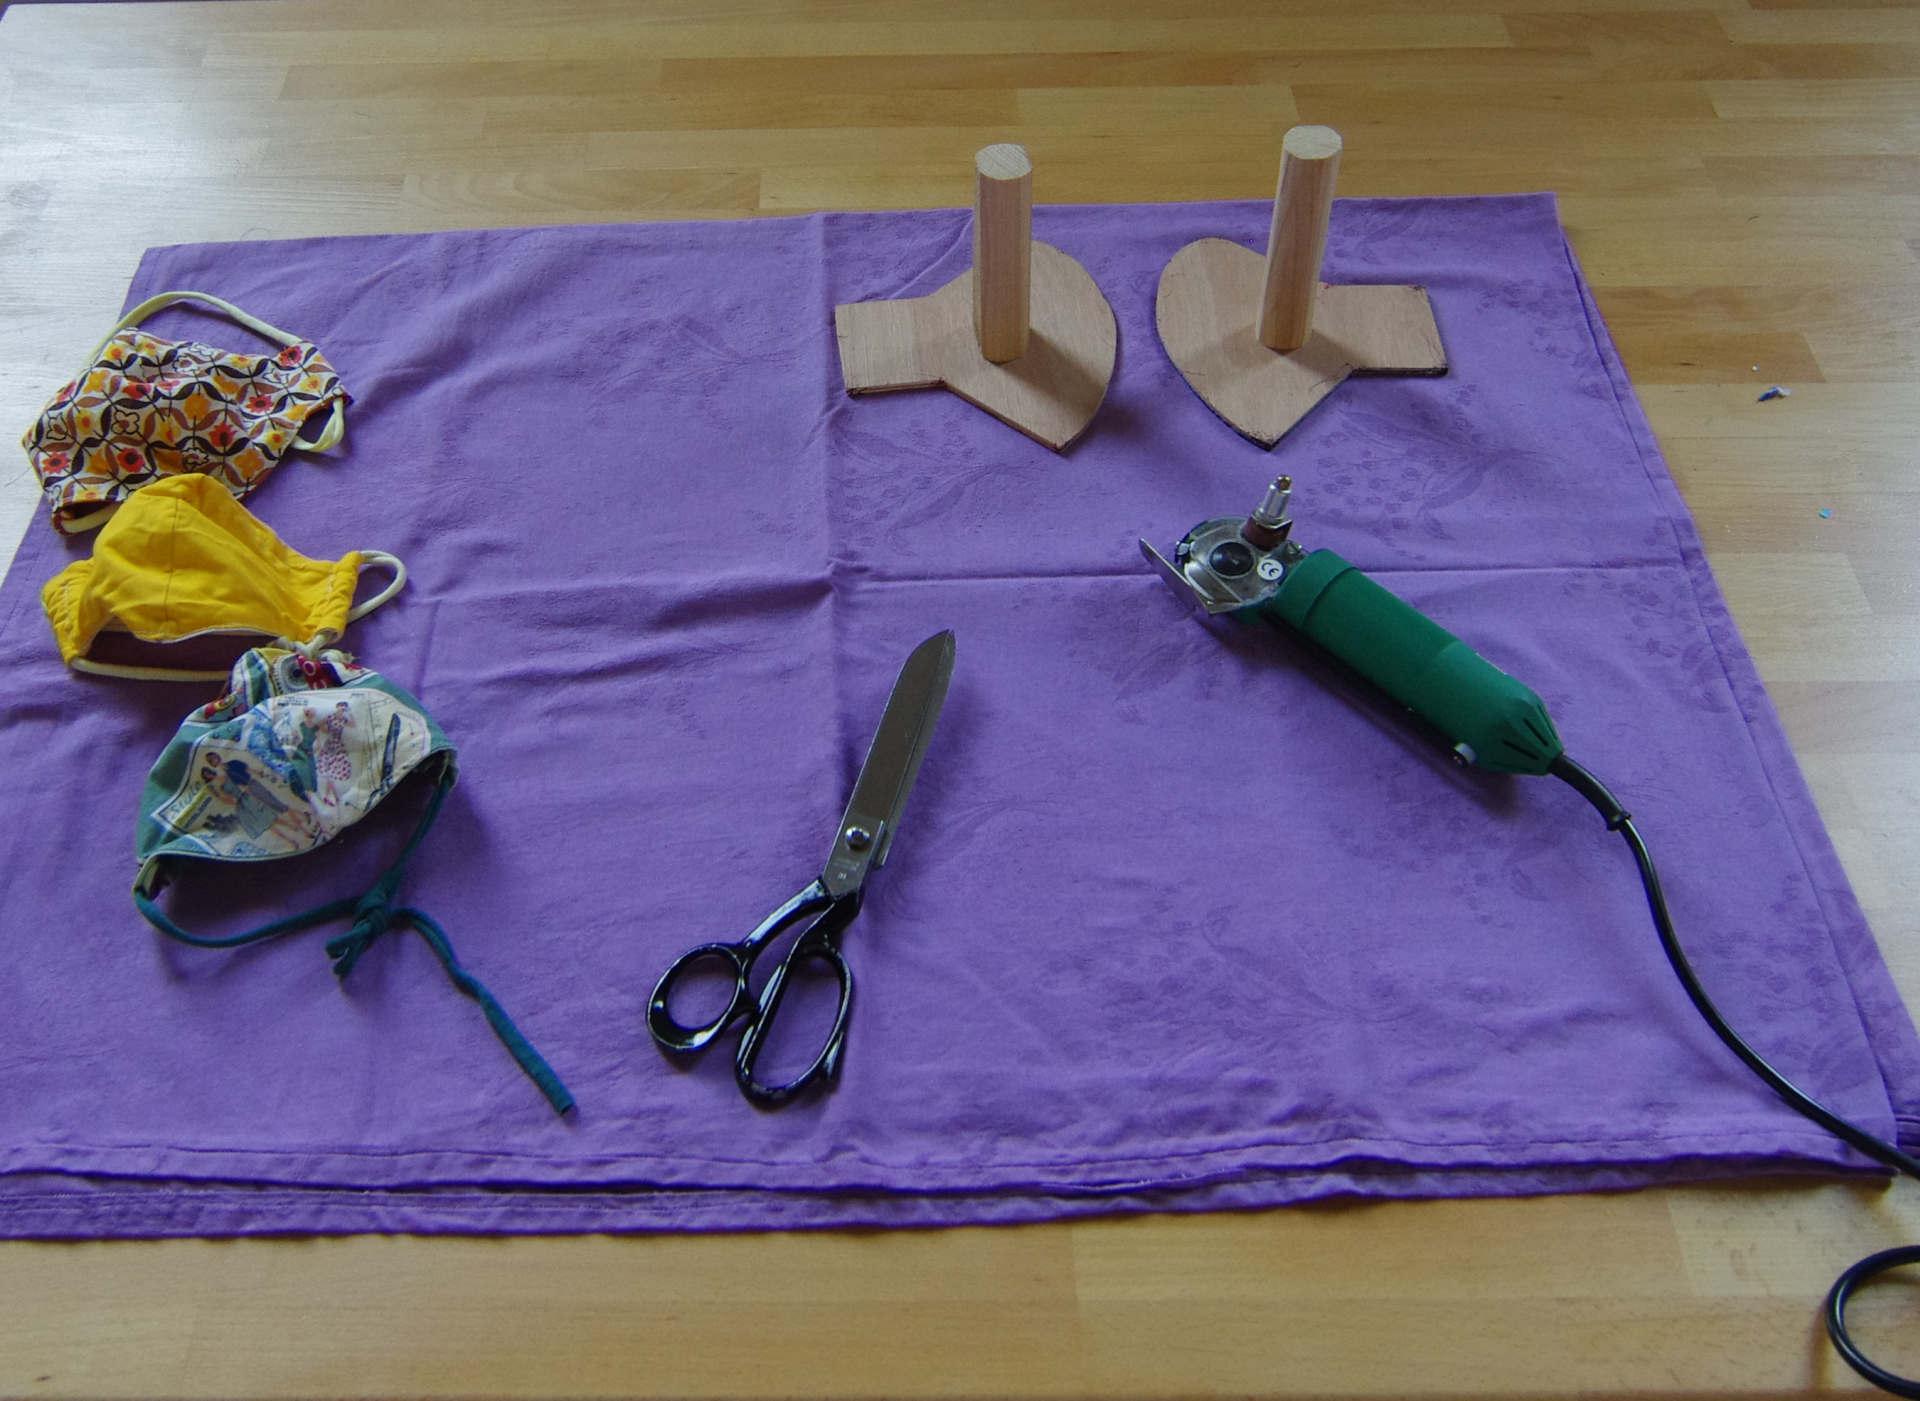 Die Materialen und Werkzeuge für die Maskenproduktion